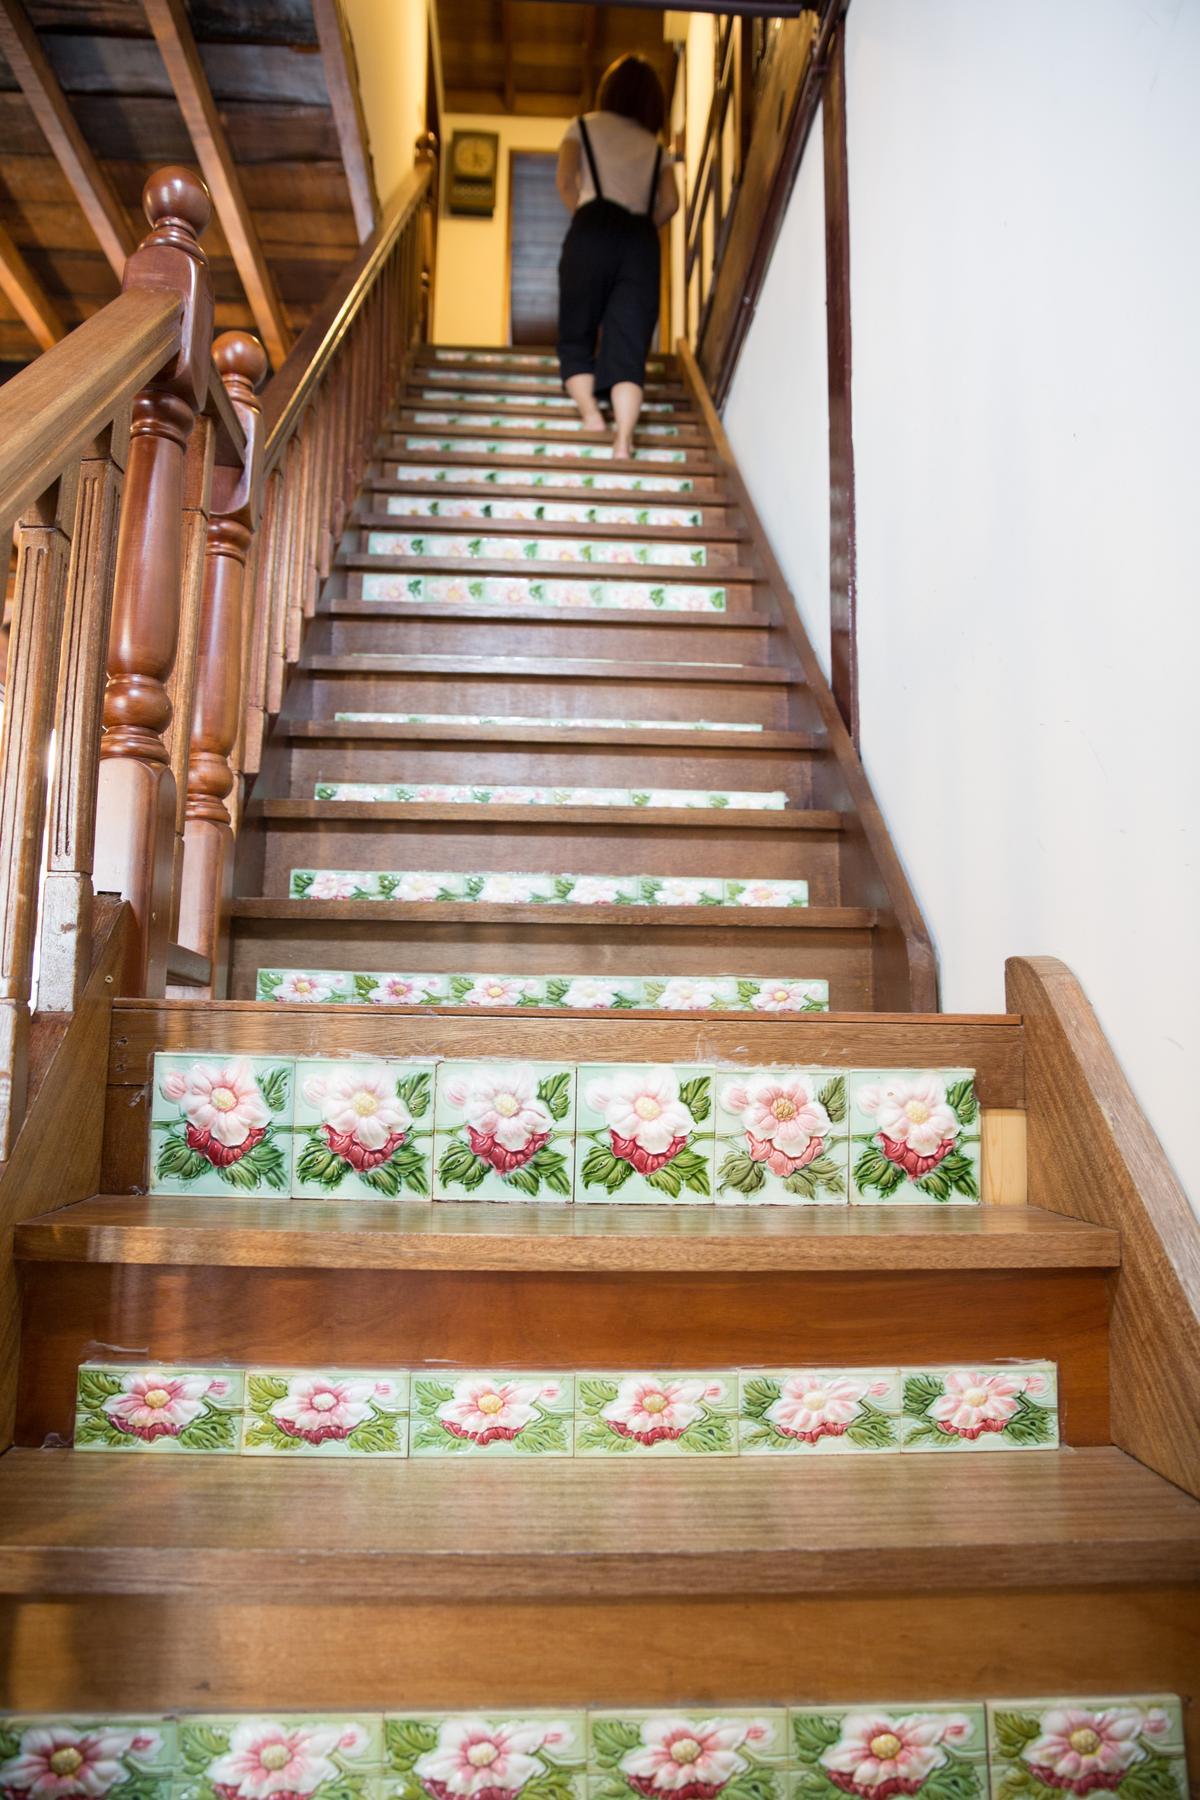 新屋主以老工法打造木樓梯,花磚朵朵開滿階梯。